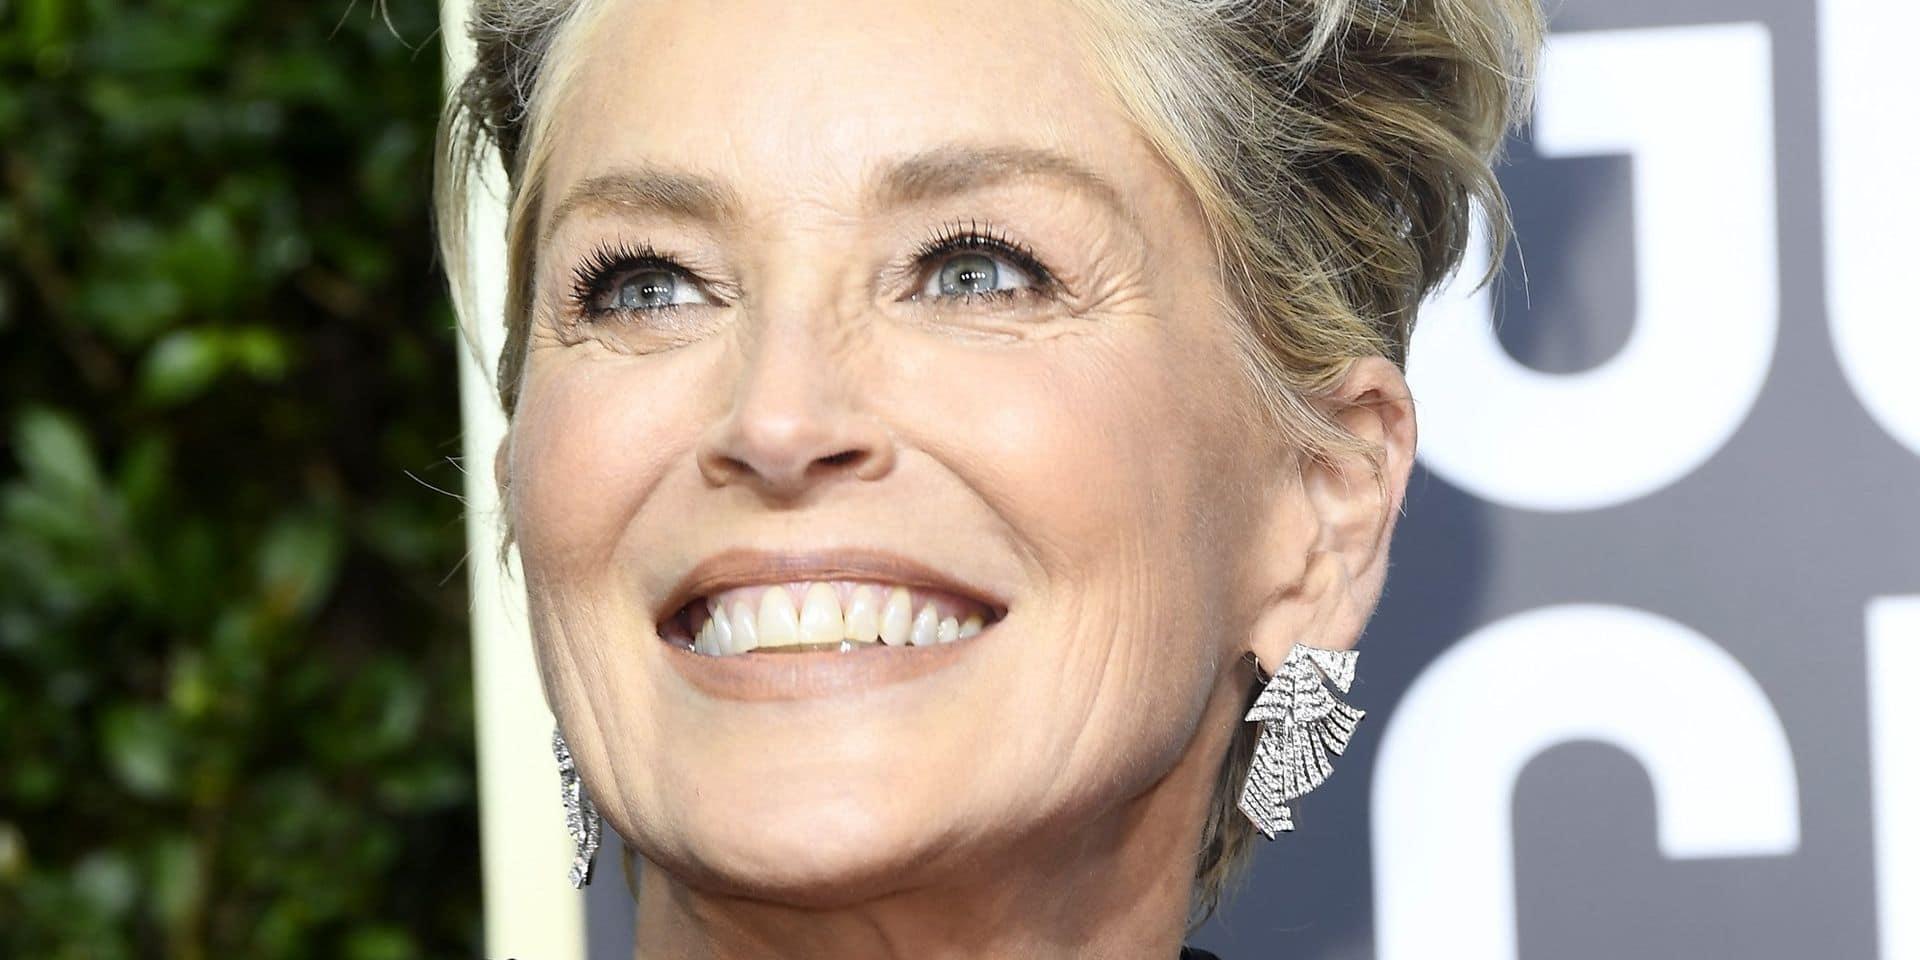 Sharon Stone seins nus et chic en Une de Vogue à 61 ans (PHOTO)